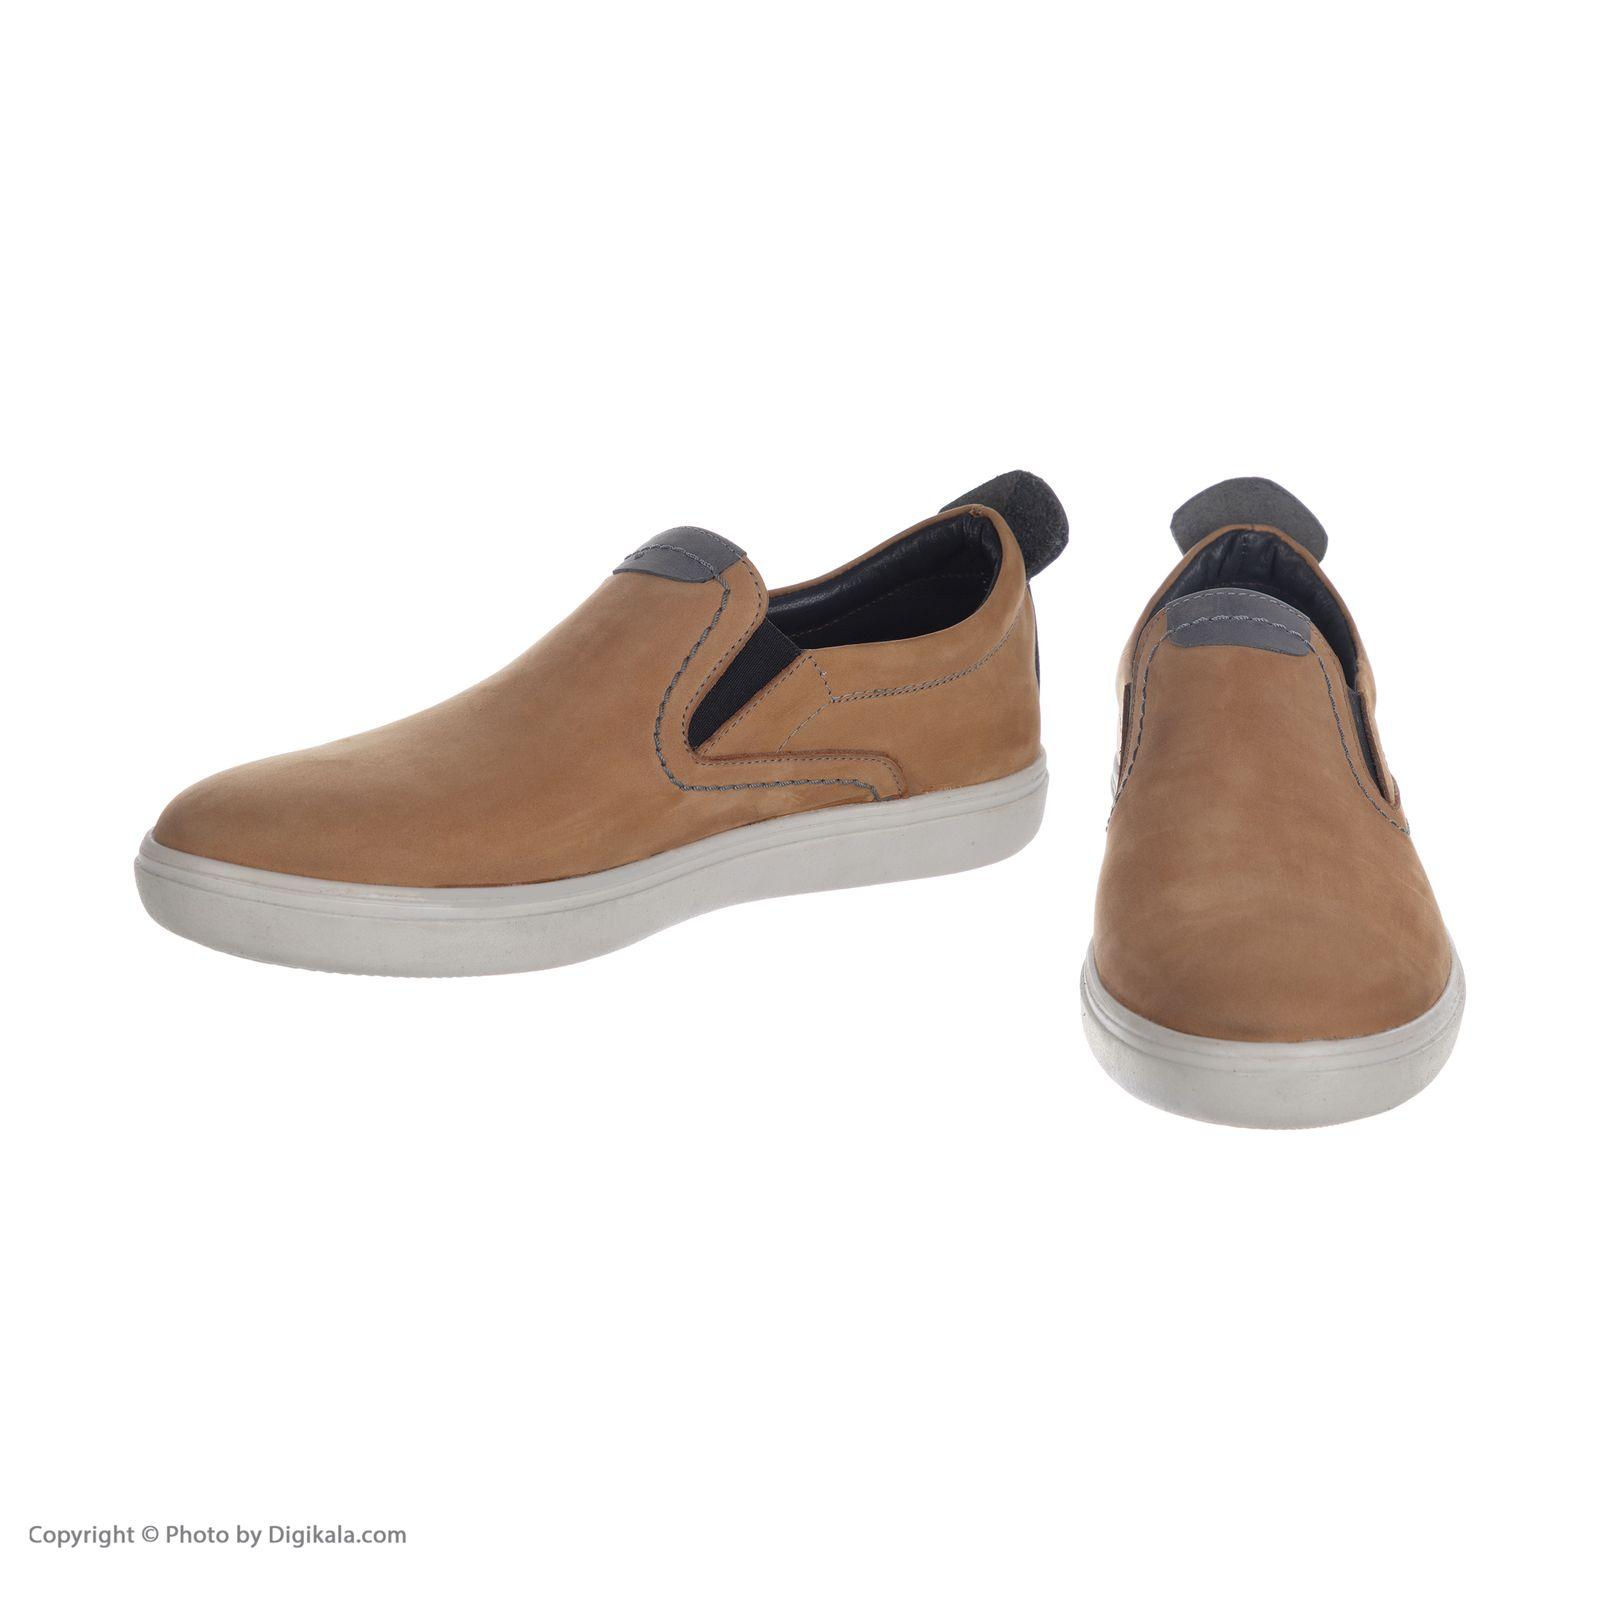 کفش روزمره مردانه دانادل مدل 8613A503136 -  - 4